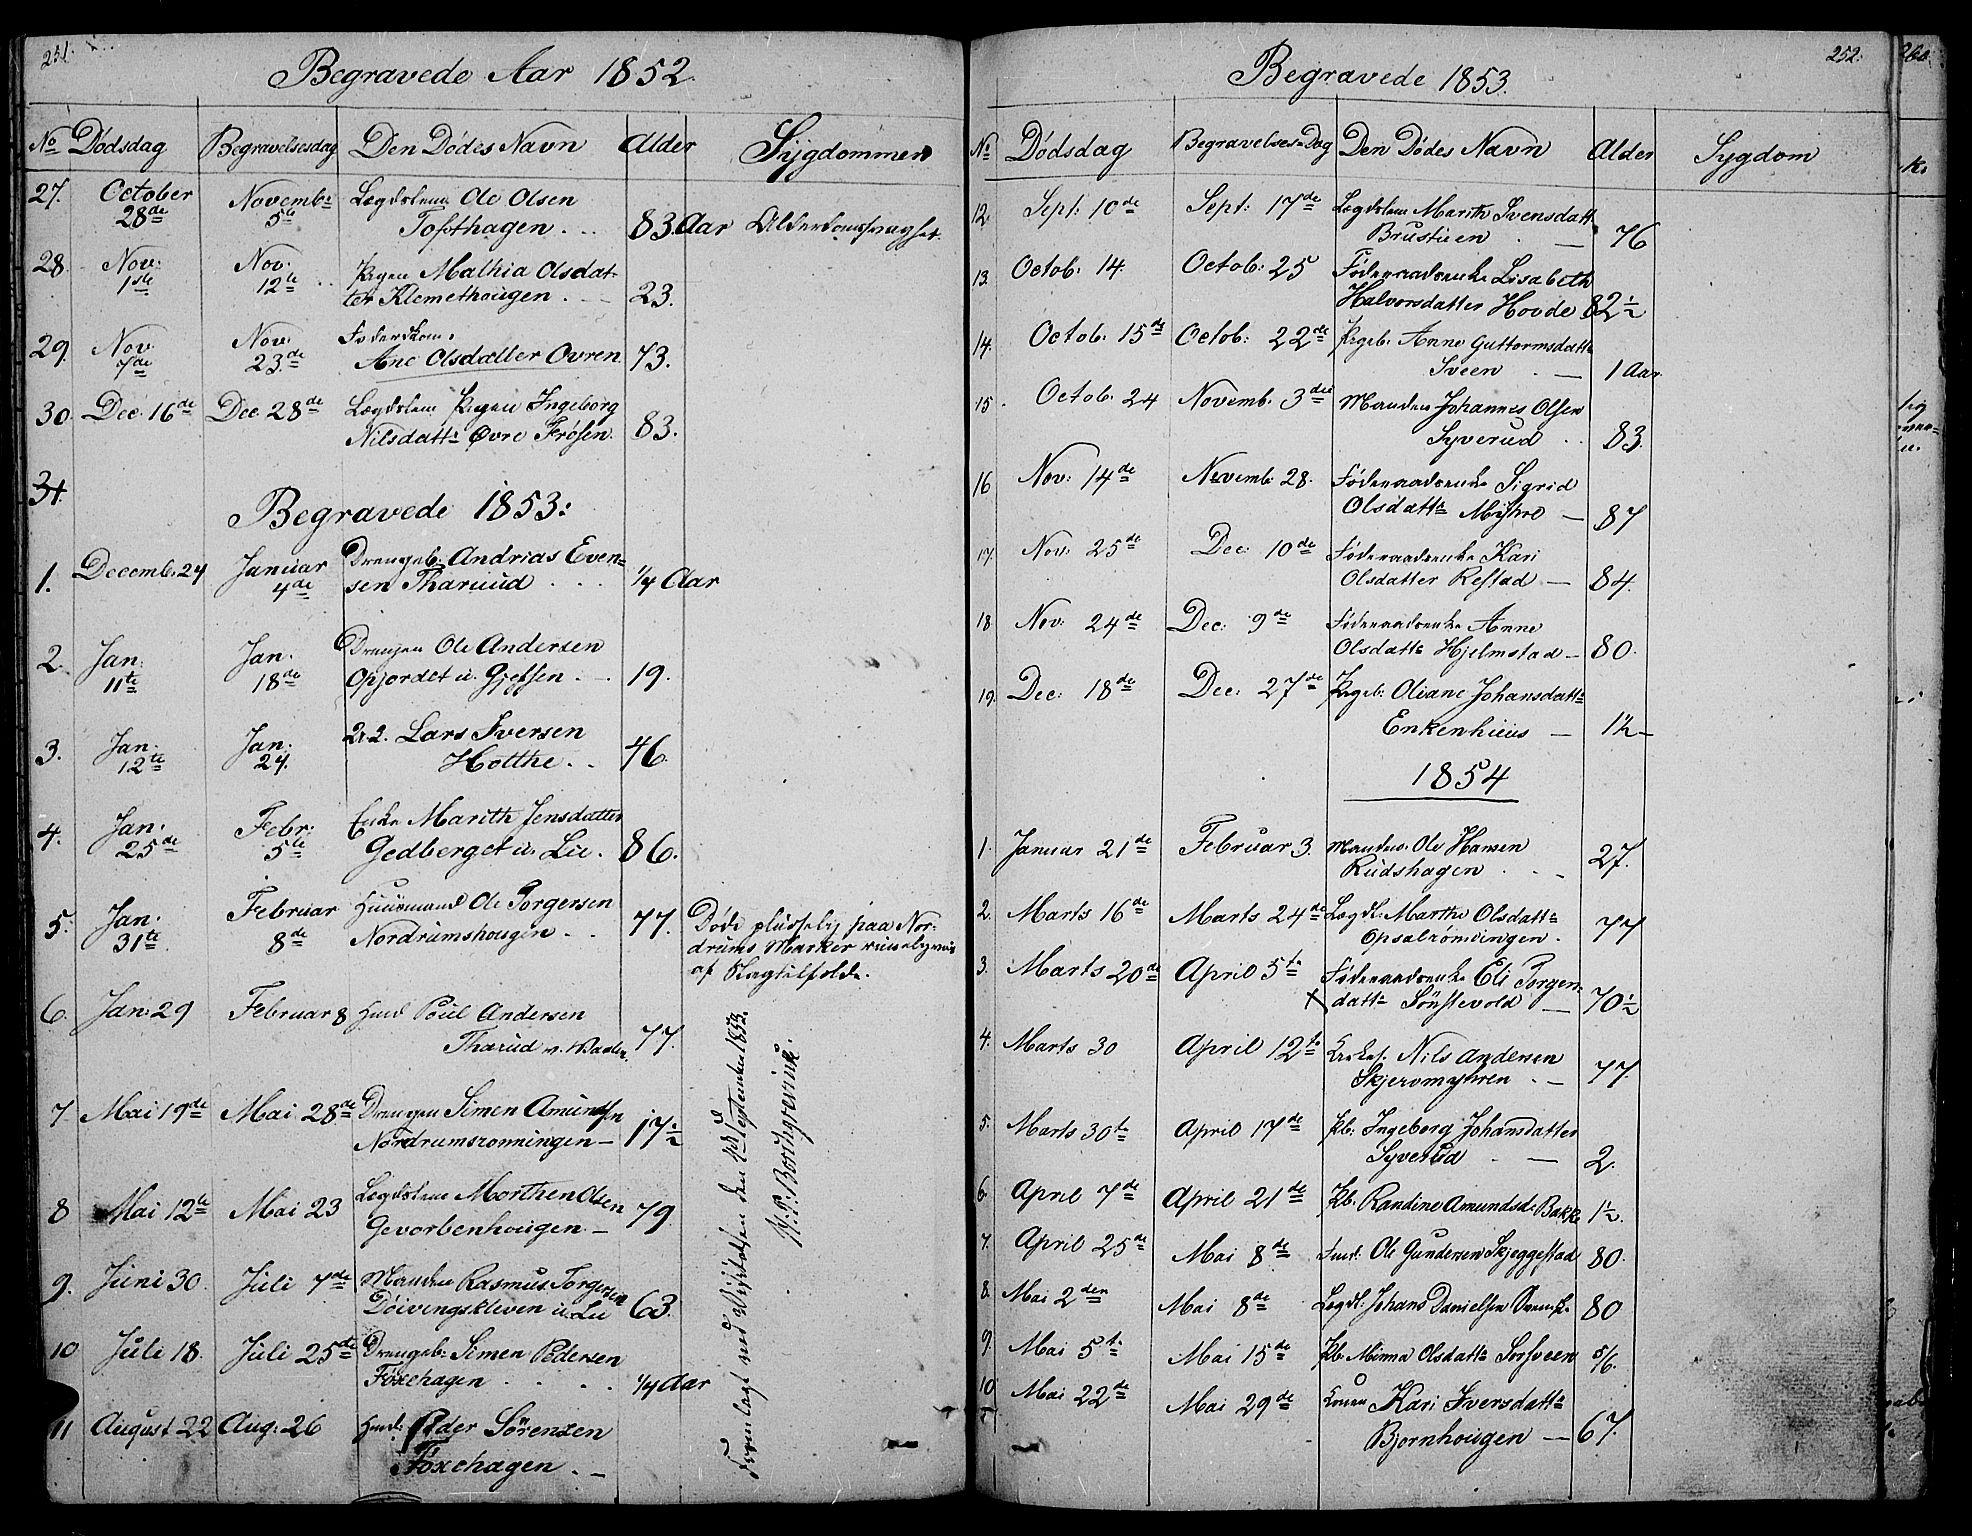 SAH, Gausdal prestekontor, Klokkerbok nr. 3, 1829-1864, s. 251-252